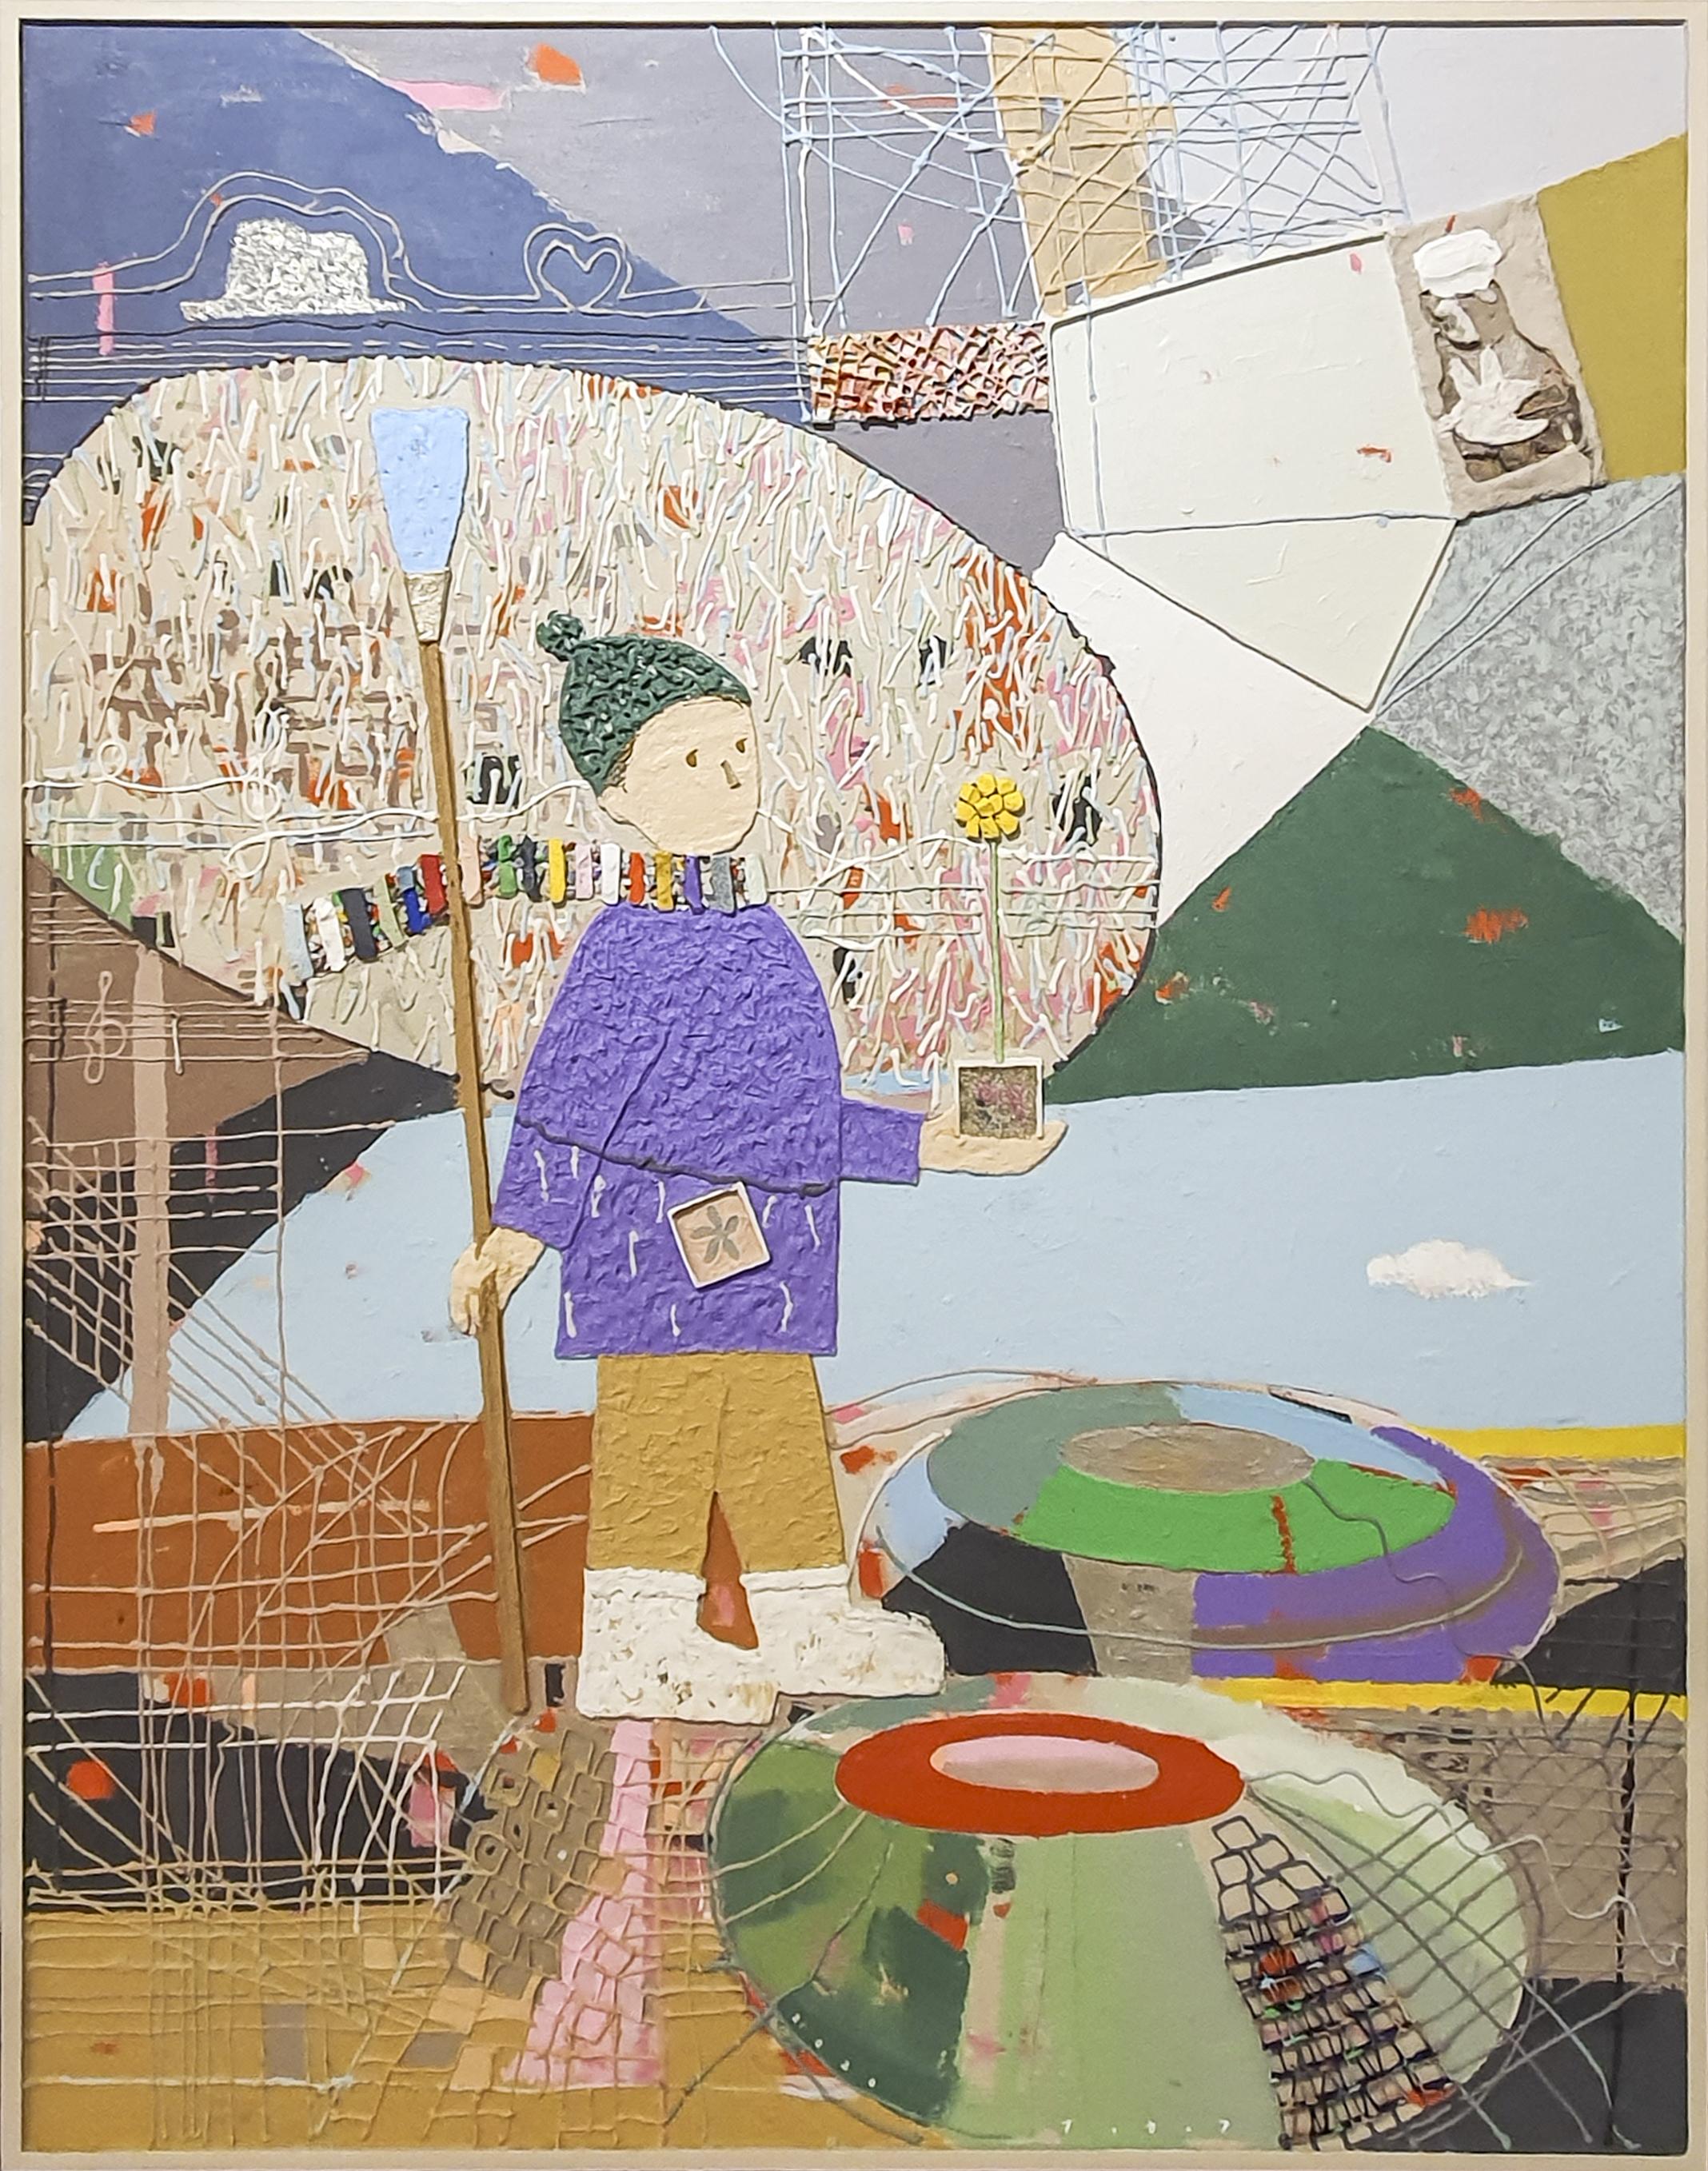 001, 김형길, 제일이라20, 116.8 x 91